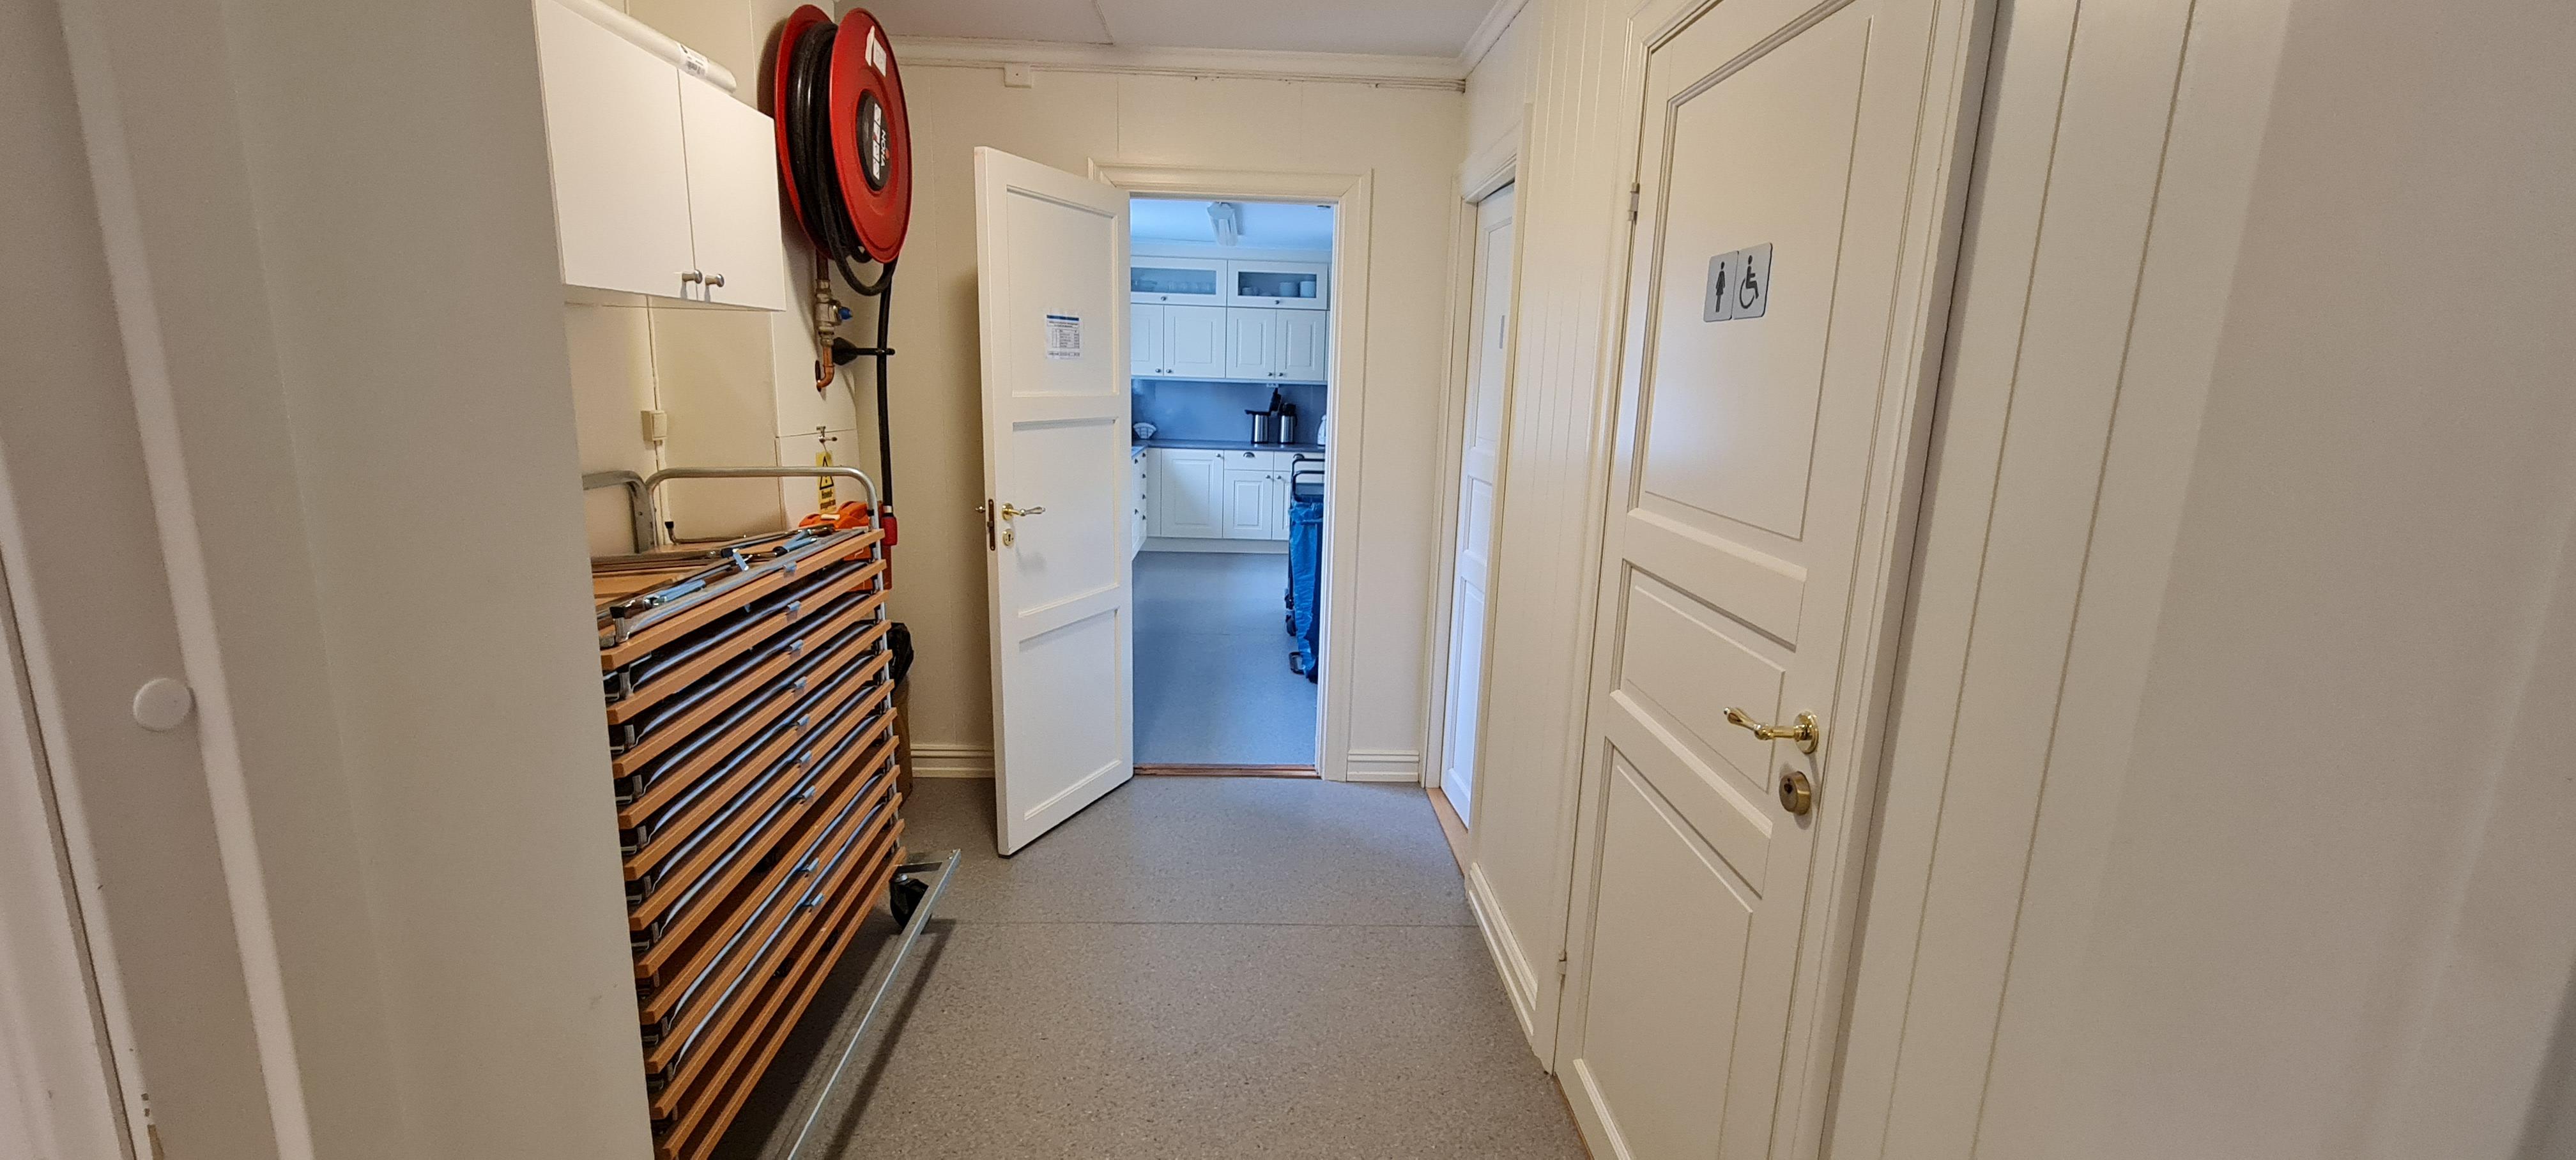 Kiilgården - Toaletter.jpg